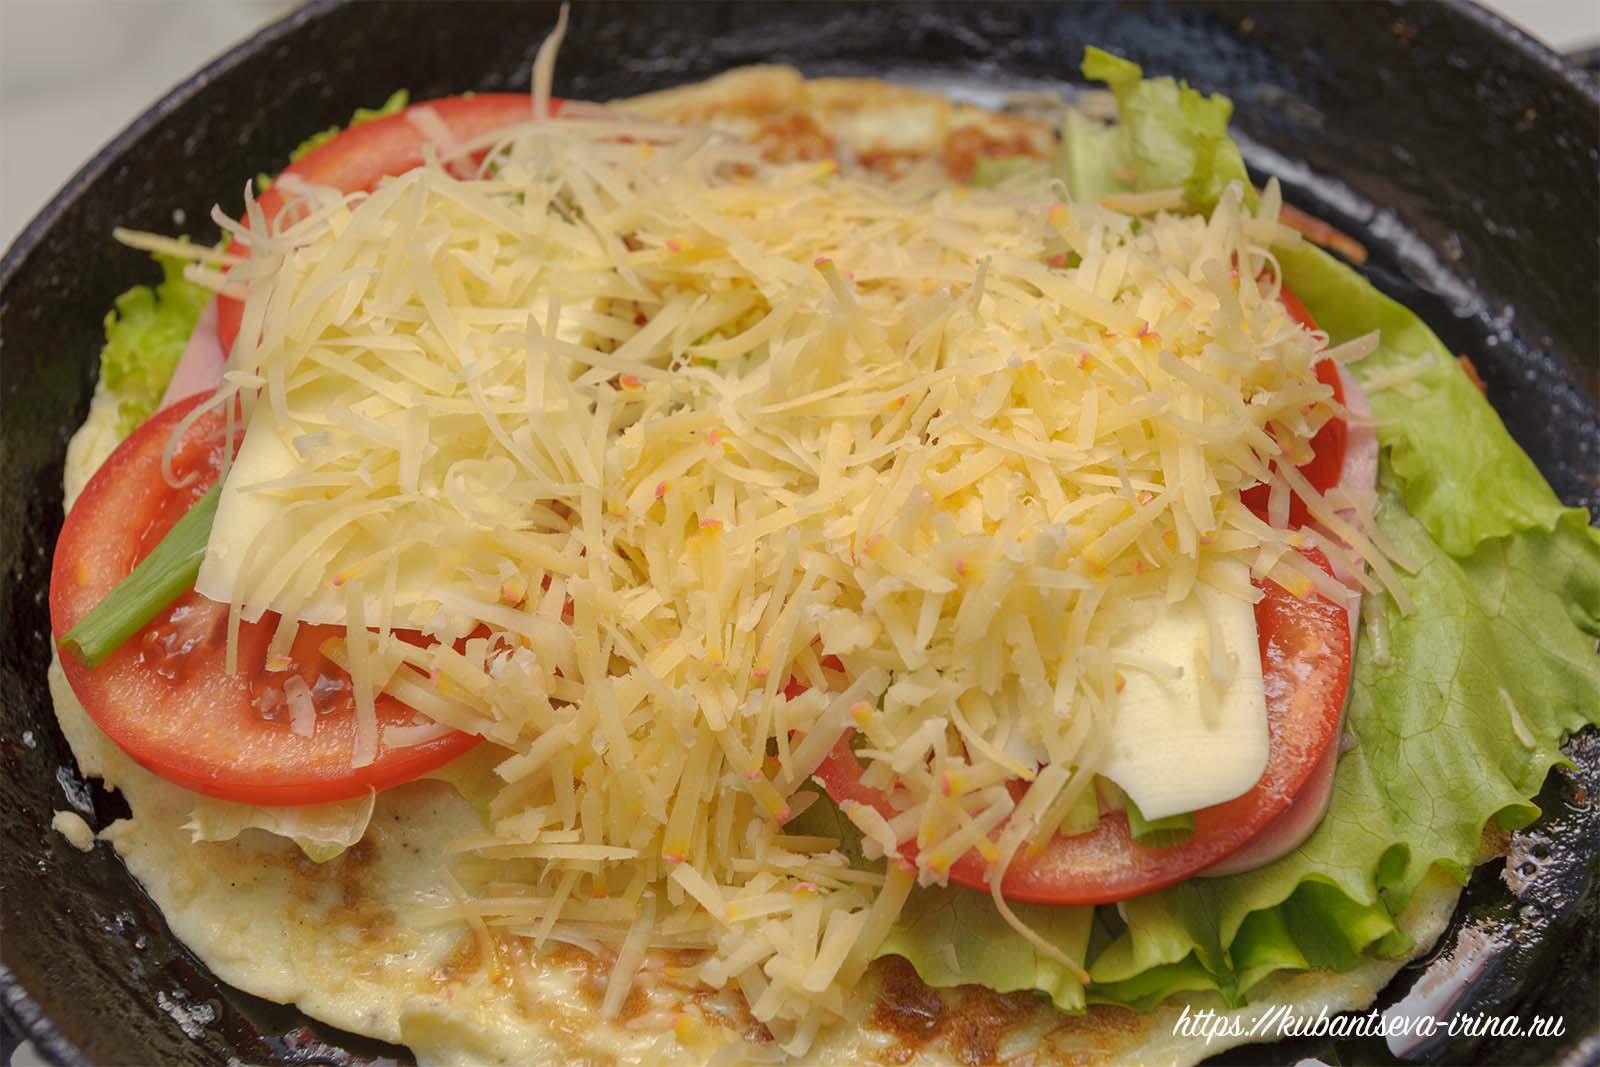 как сделать необычный бутерброд с омлетом фото